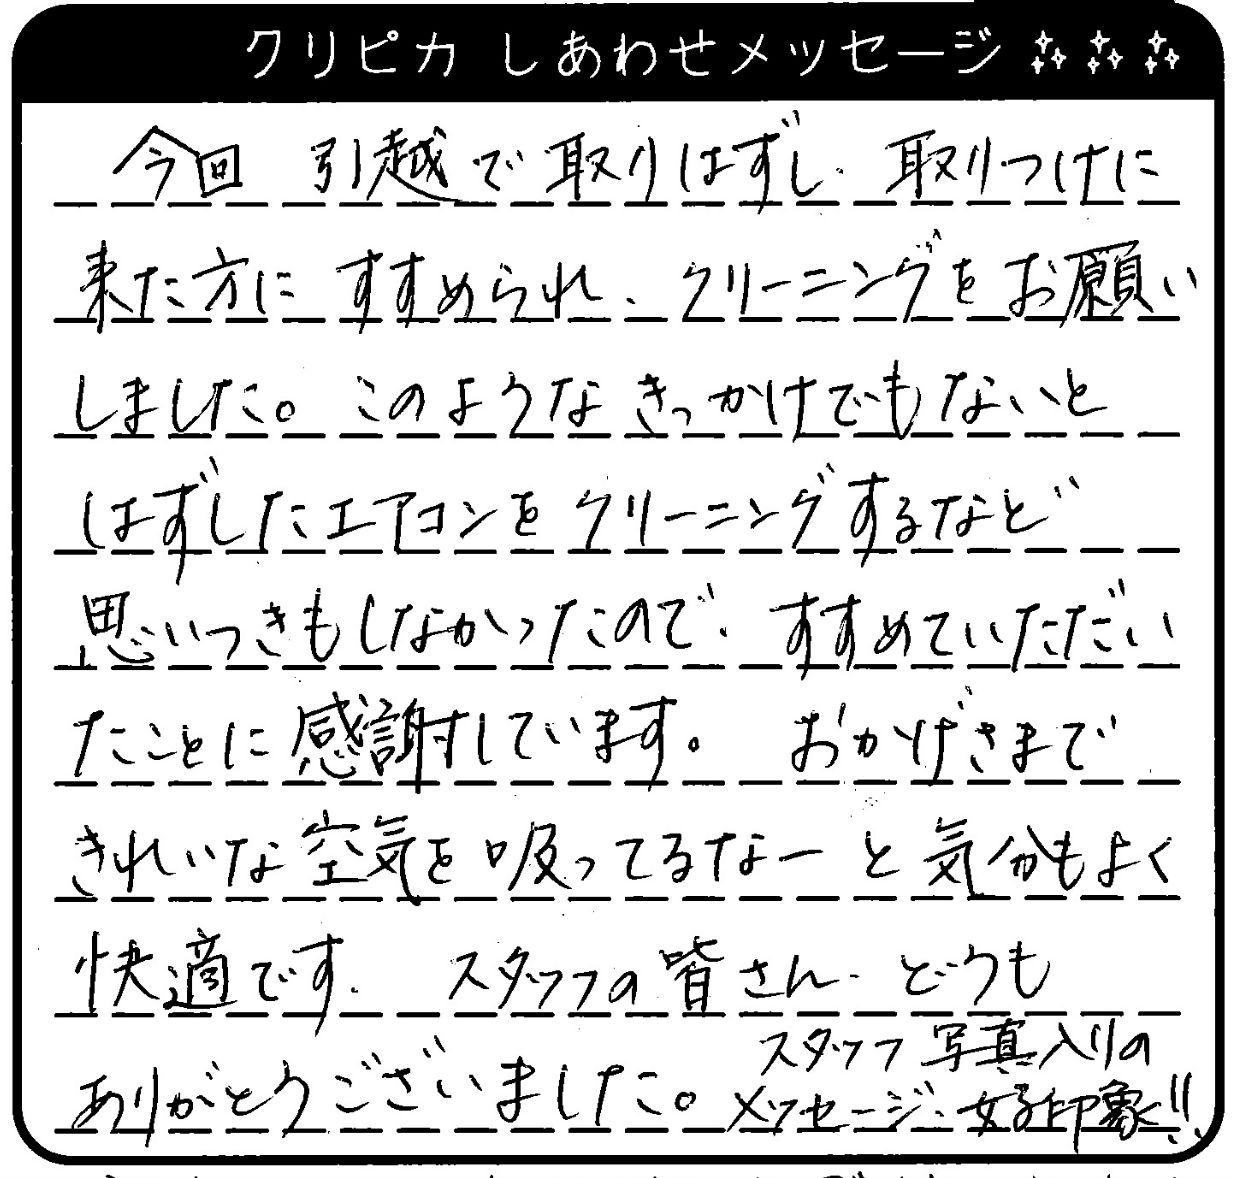 埼玉県 I様からのしあわせメッセージ